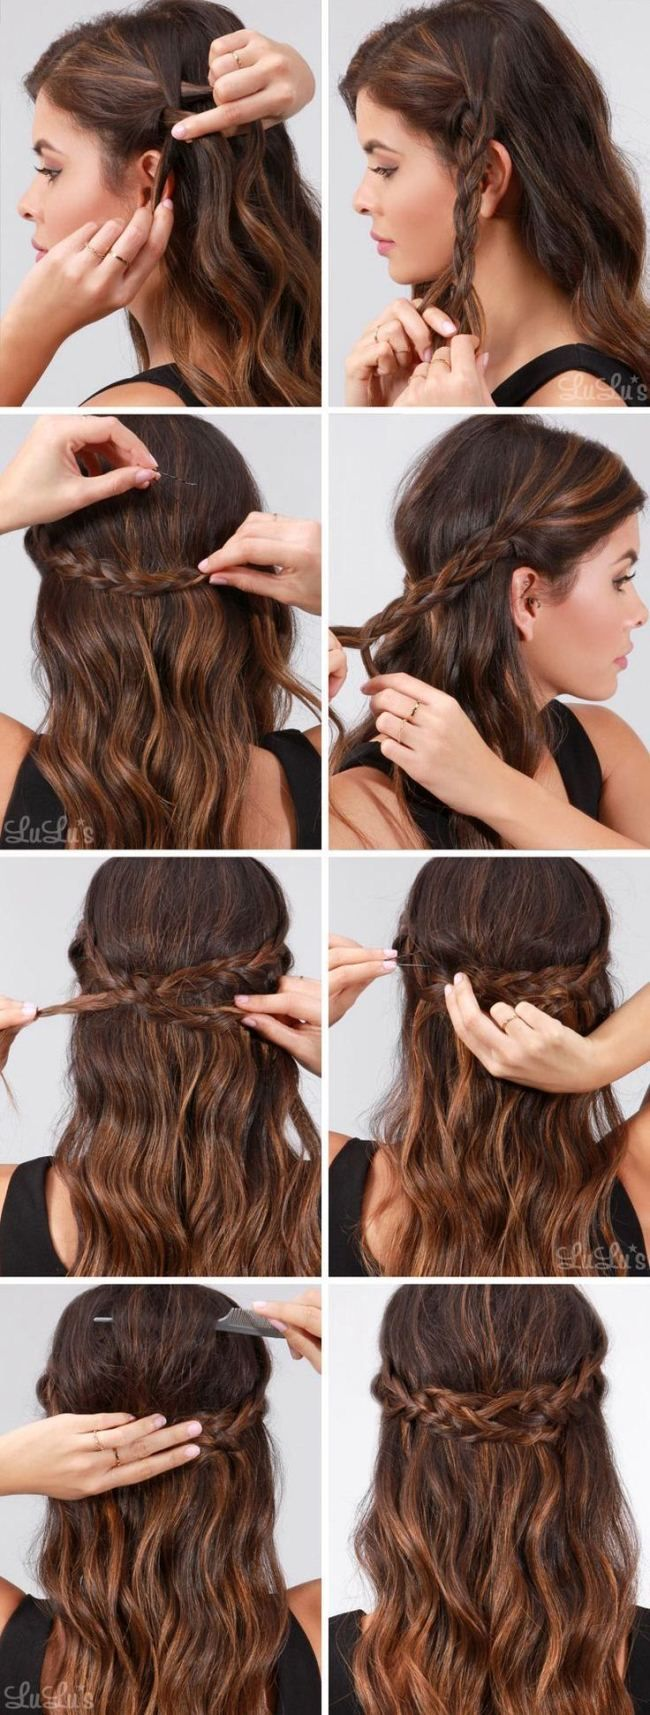 Schnelle einfache formale Party-Frisuren für lange Haar-DIY-Ideen 2018